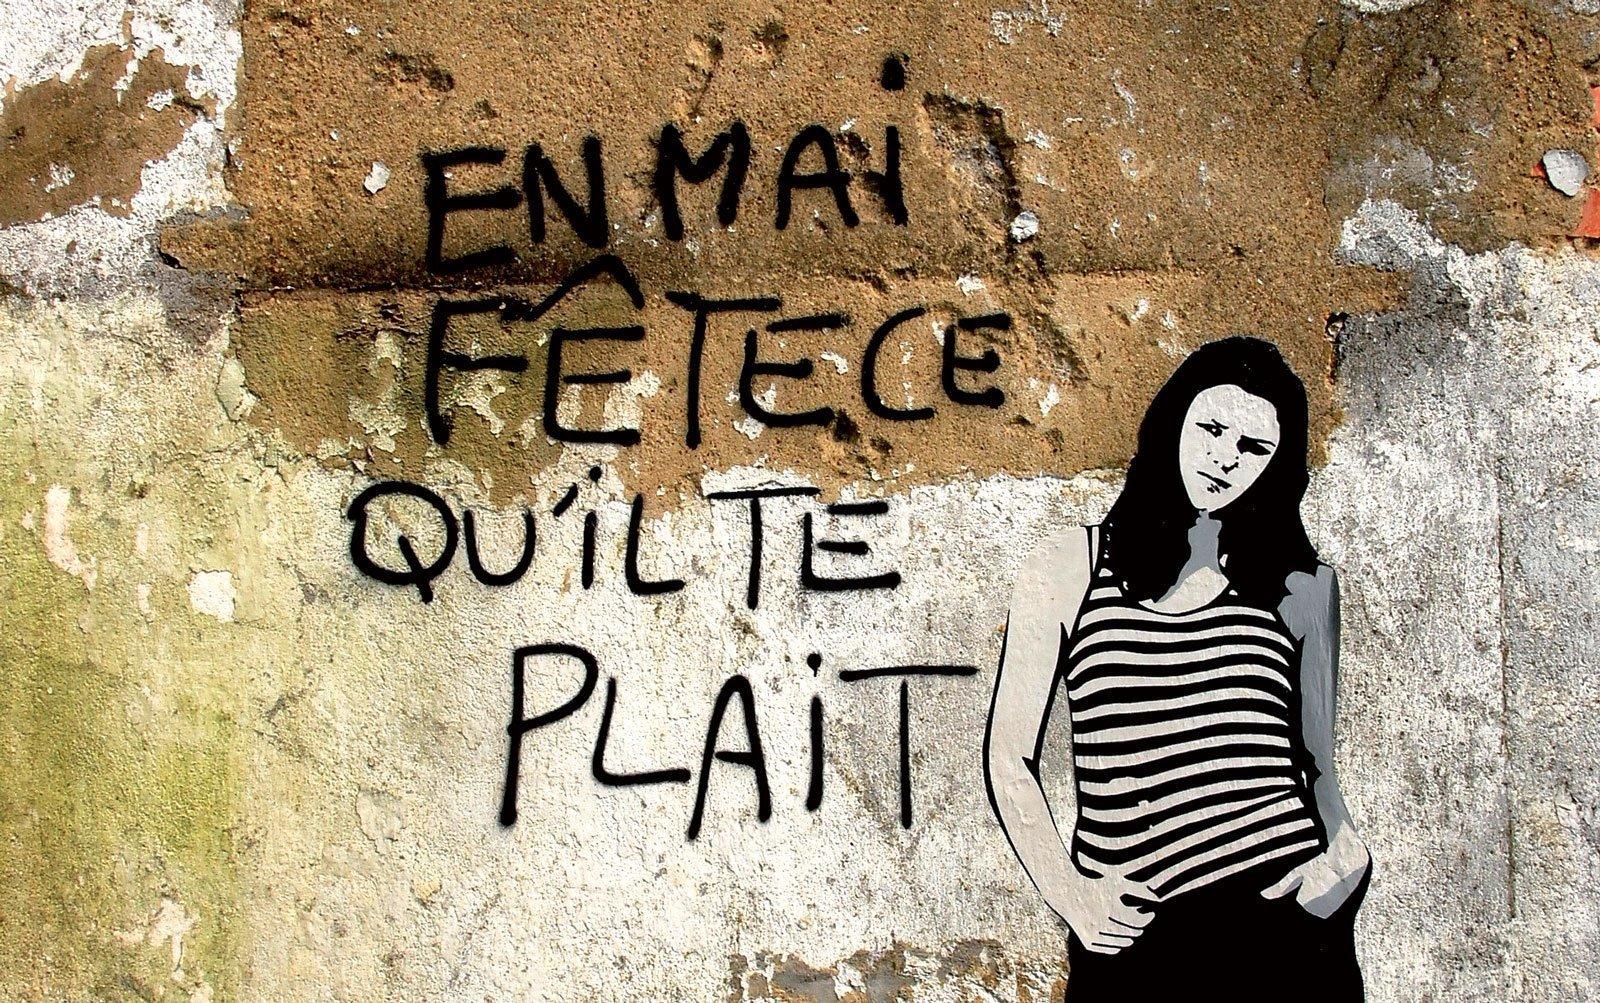 Patrice Poch